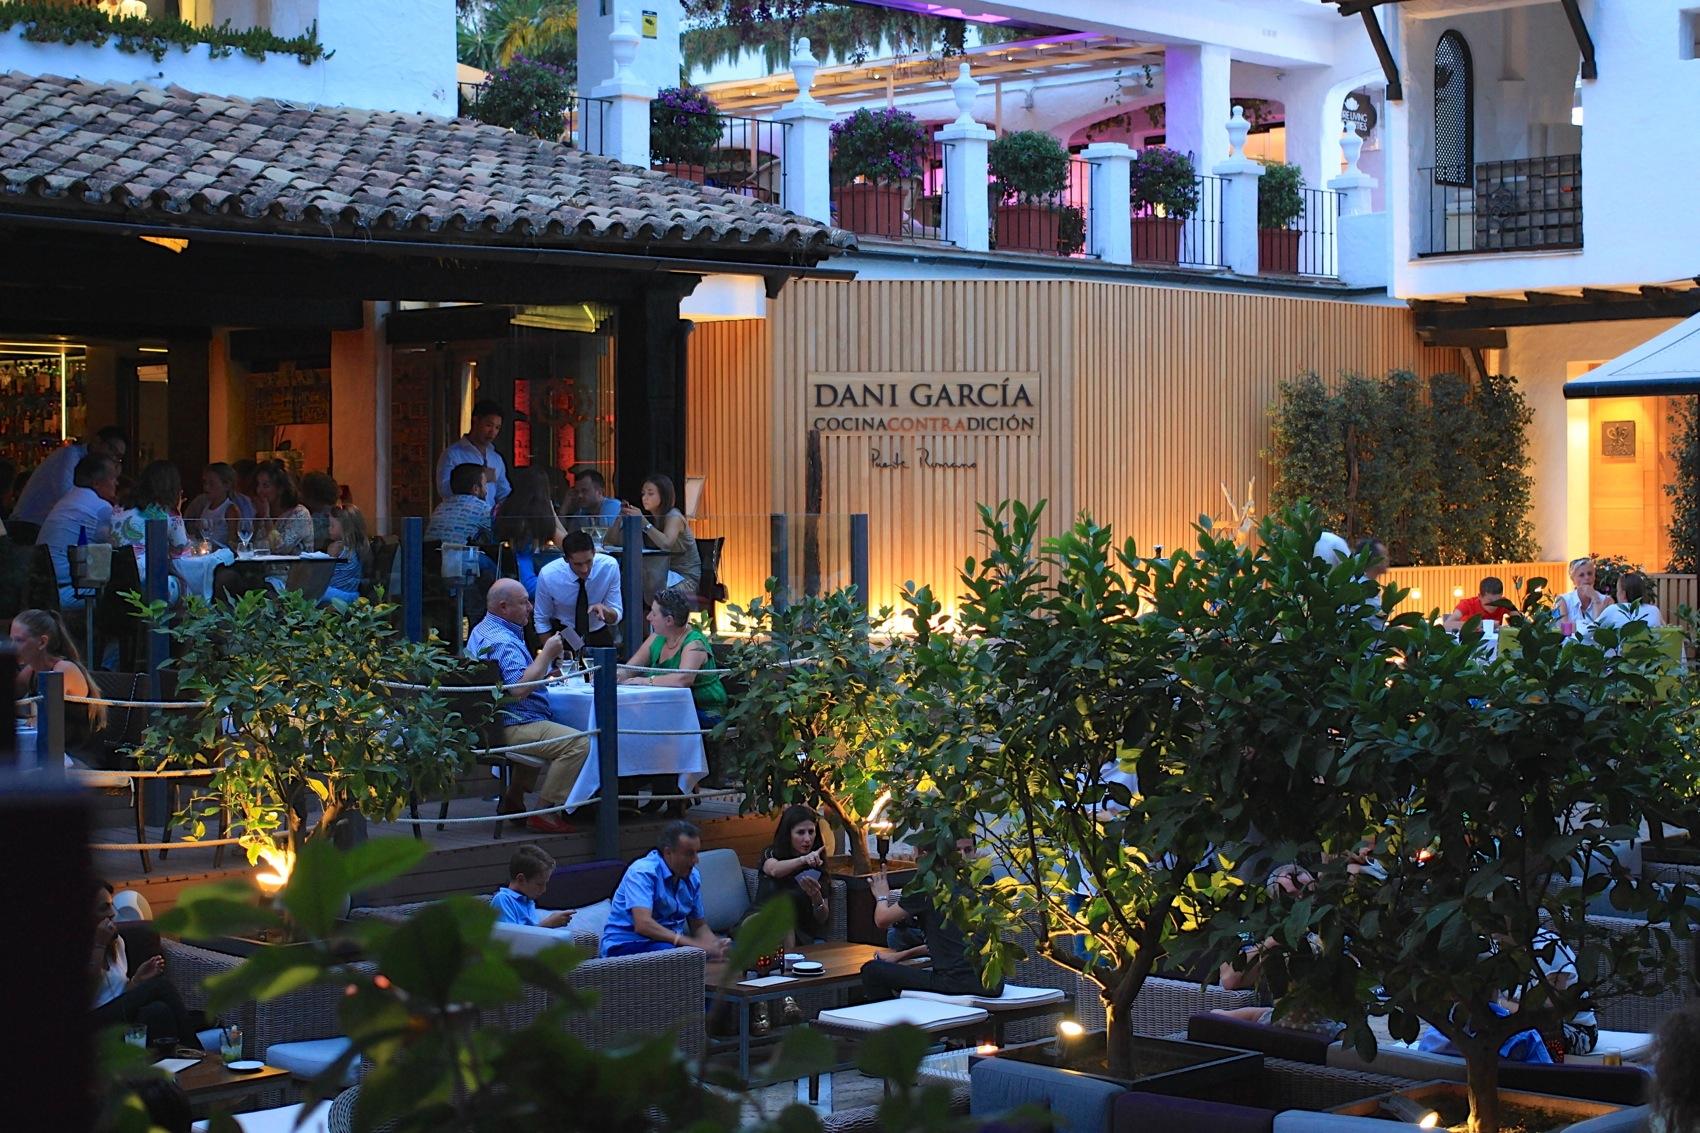 Puente Romano Fine Dining with Dani Garcia